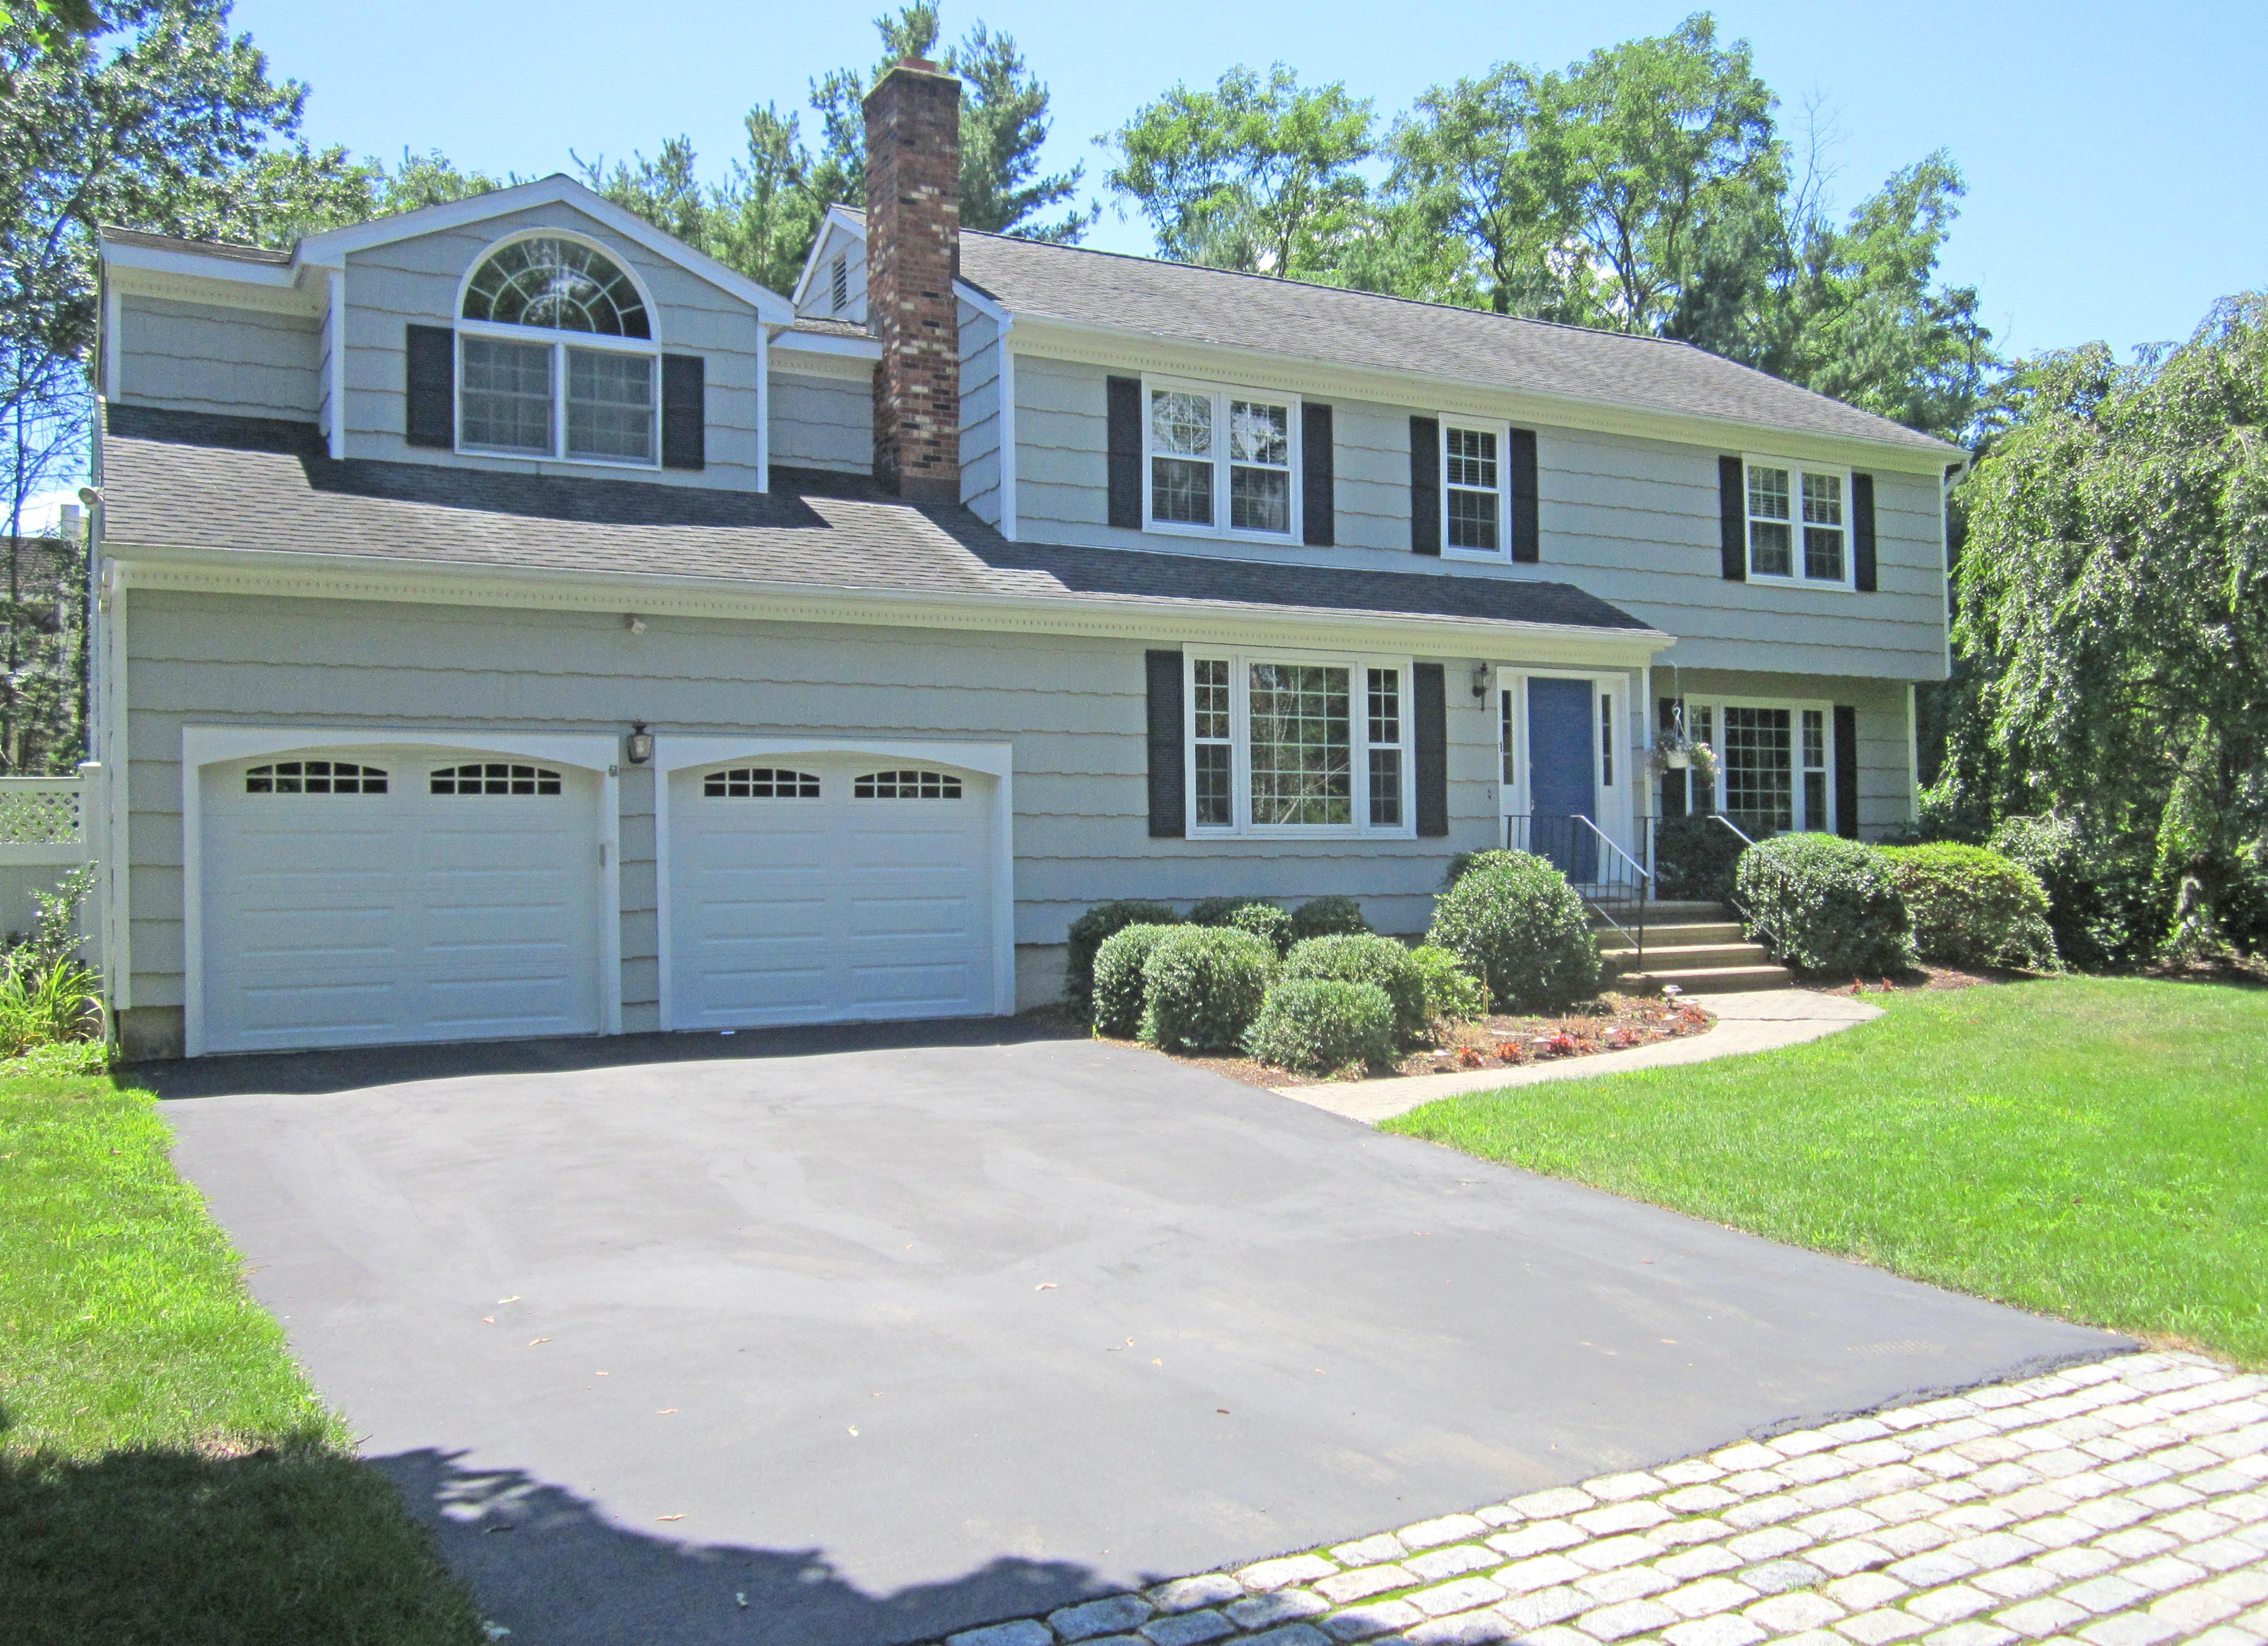 단독 가정 주택 용 매매 에 Classic New England Colonial 1 Donald Drive Westport, 코네티컷, 06880 미국